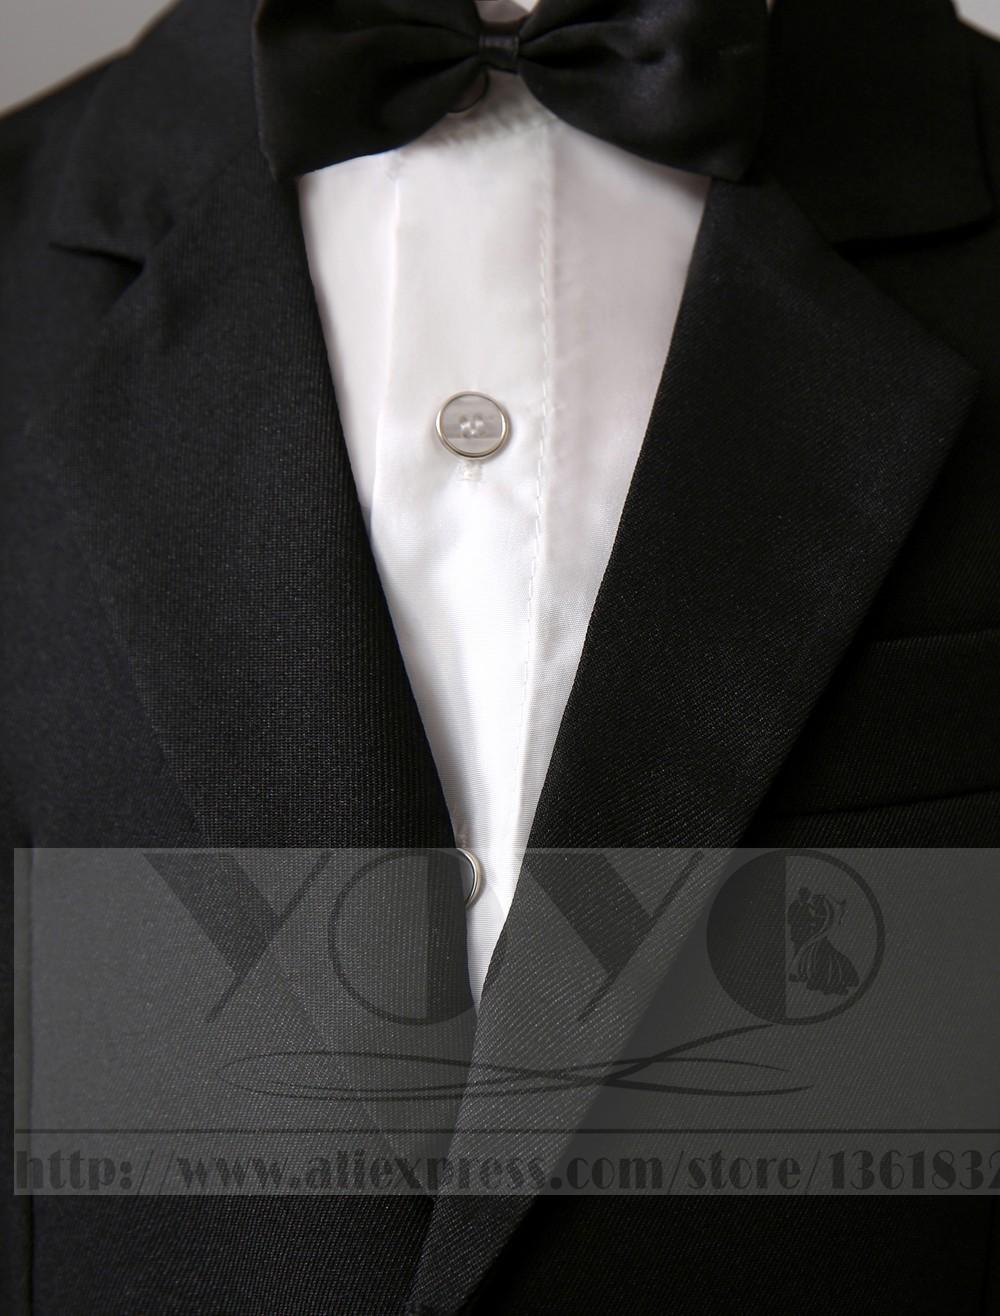 Скидки на Четыре Пьесы Роскошный формальные черные мальчики костюмы Кольцо На Предъявителя Костюмы дети Смокинг С Черным Галстуком-бабочкой мальчиков наряд костюмы